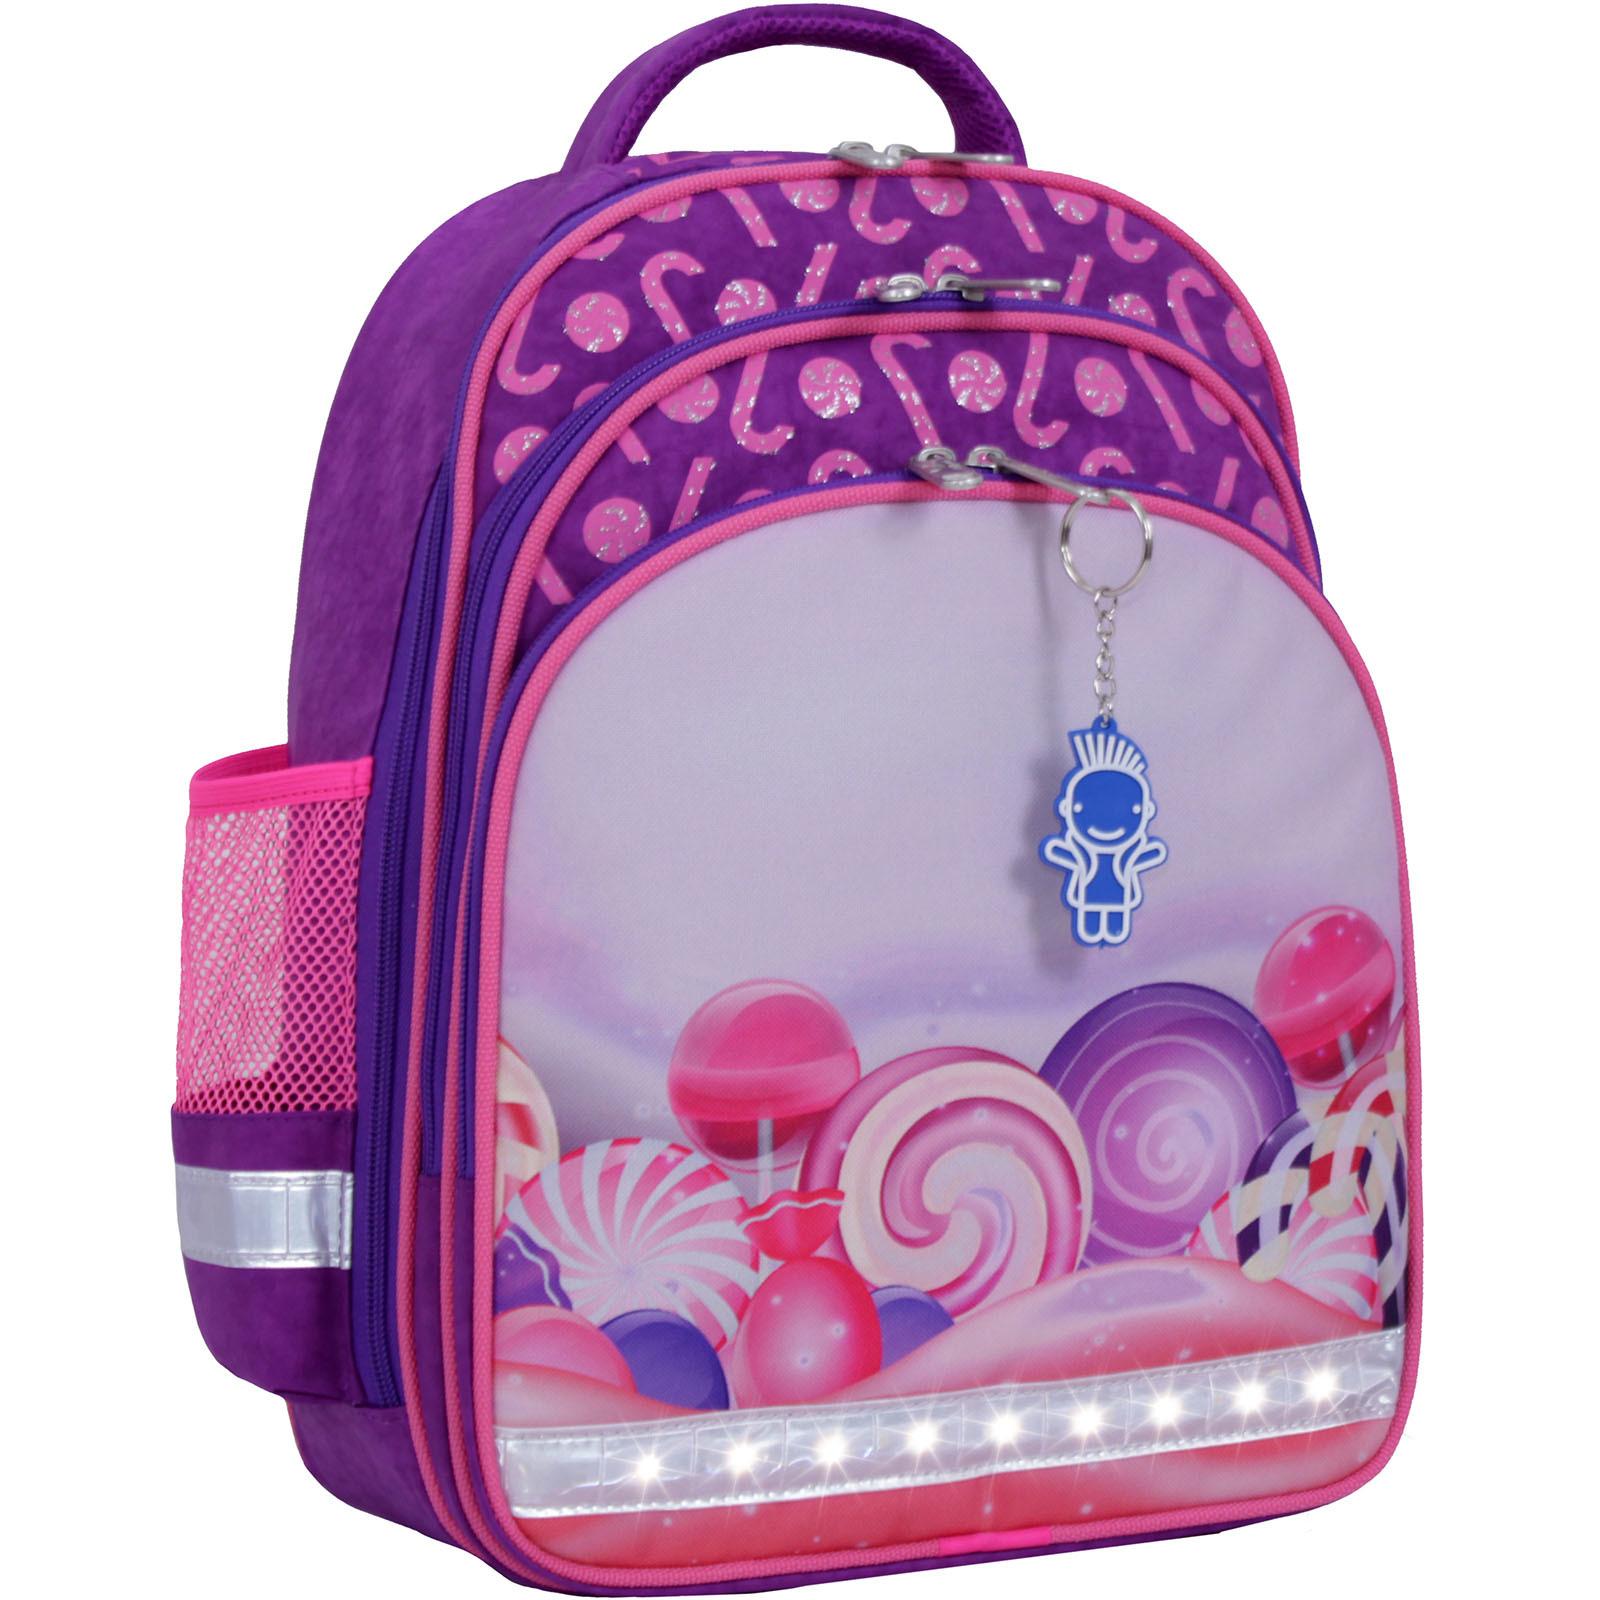 Рюкзак школьный Bagland Mouse 339 фиолетовый 409 (0051370) фото 1